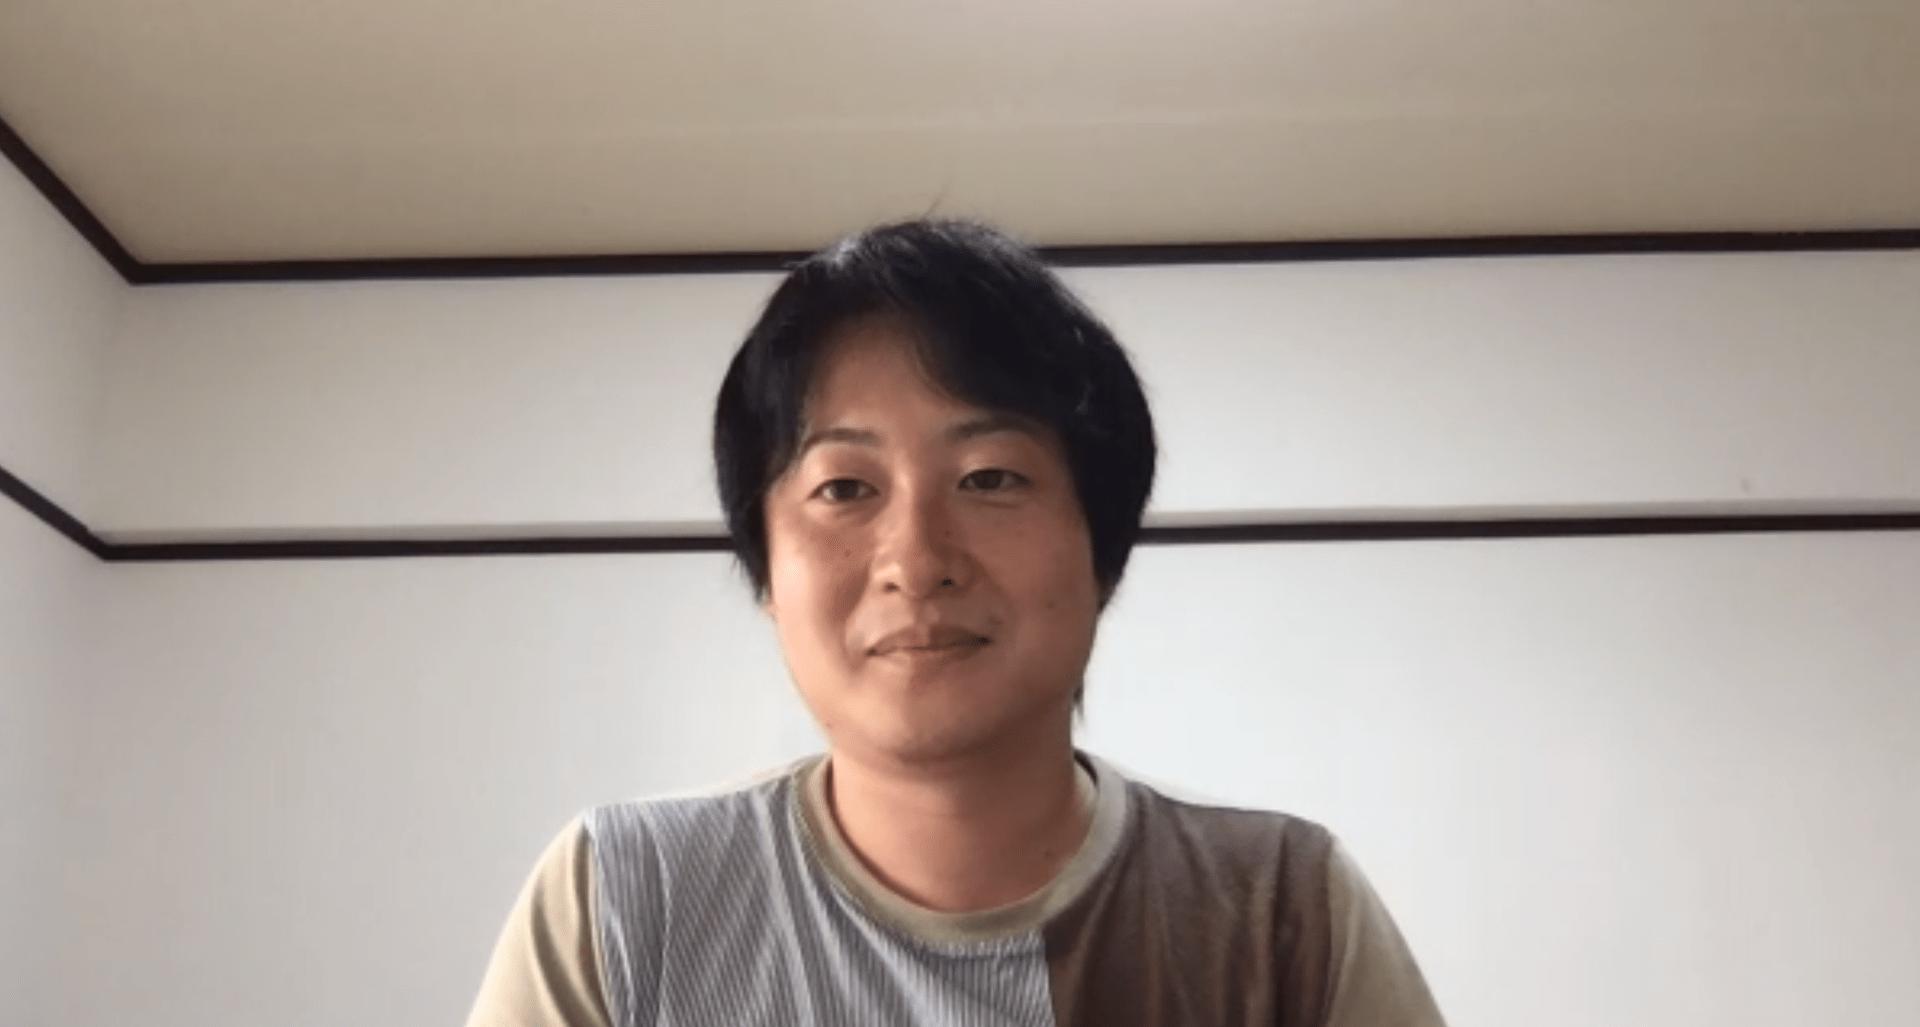 「英音学」制作総責任者の長谷川 孔明氏